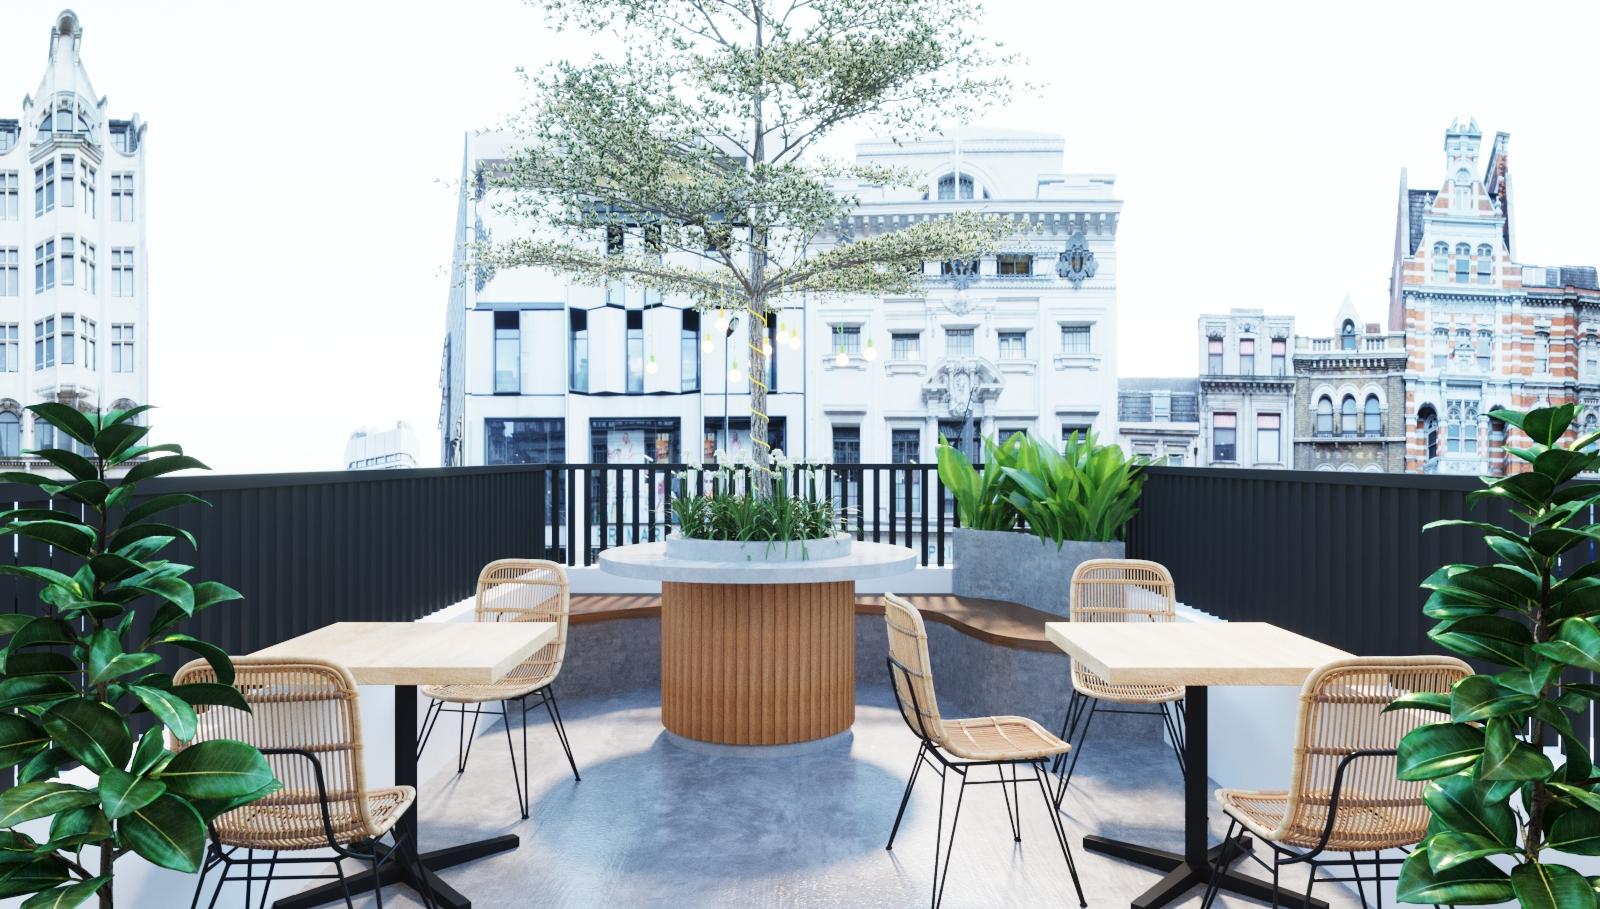 Không gian thưởng thức cà phê ngoài trời thoáng đãng, với tầm nhìn rộng mở.